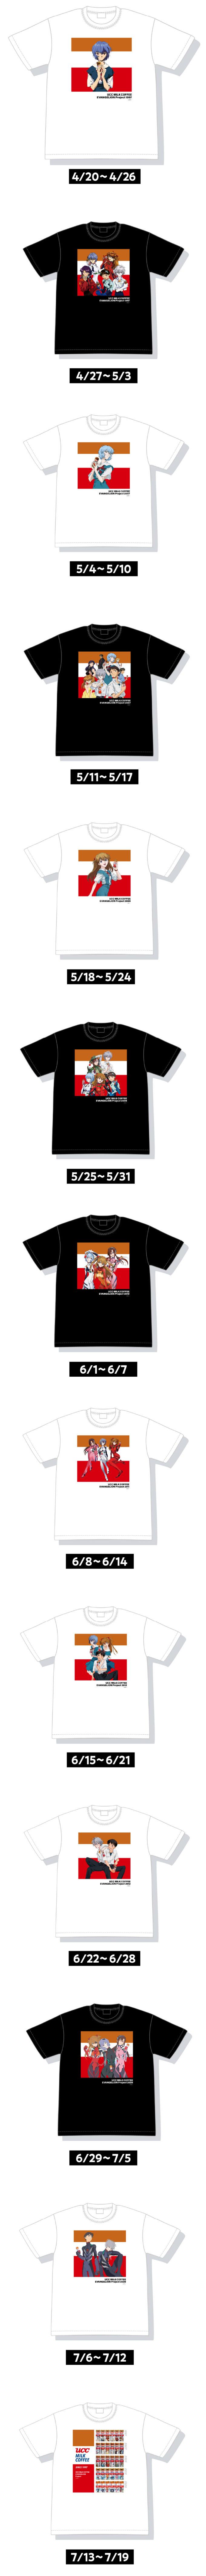 UCCミルクコーヒー エヴァ缶懸賞キャンペーン2020 プレゼント懸賞品 オリジナルTシャツ 拡大